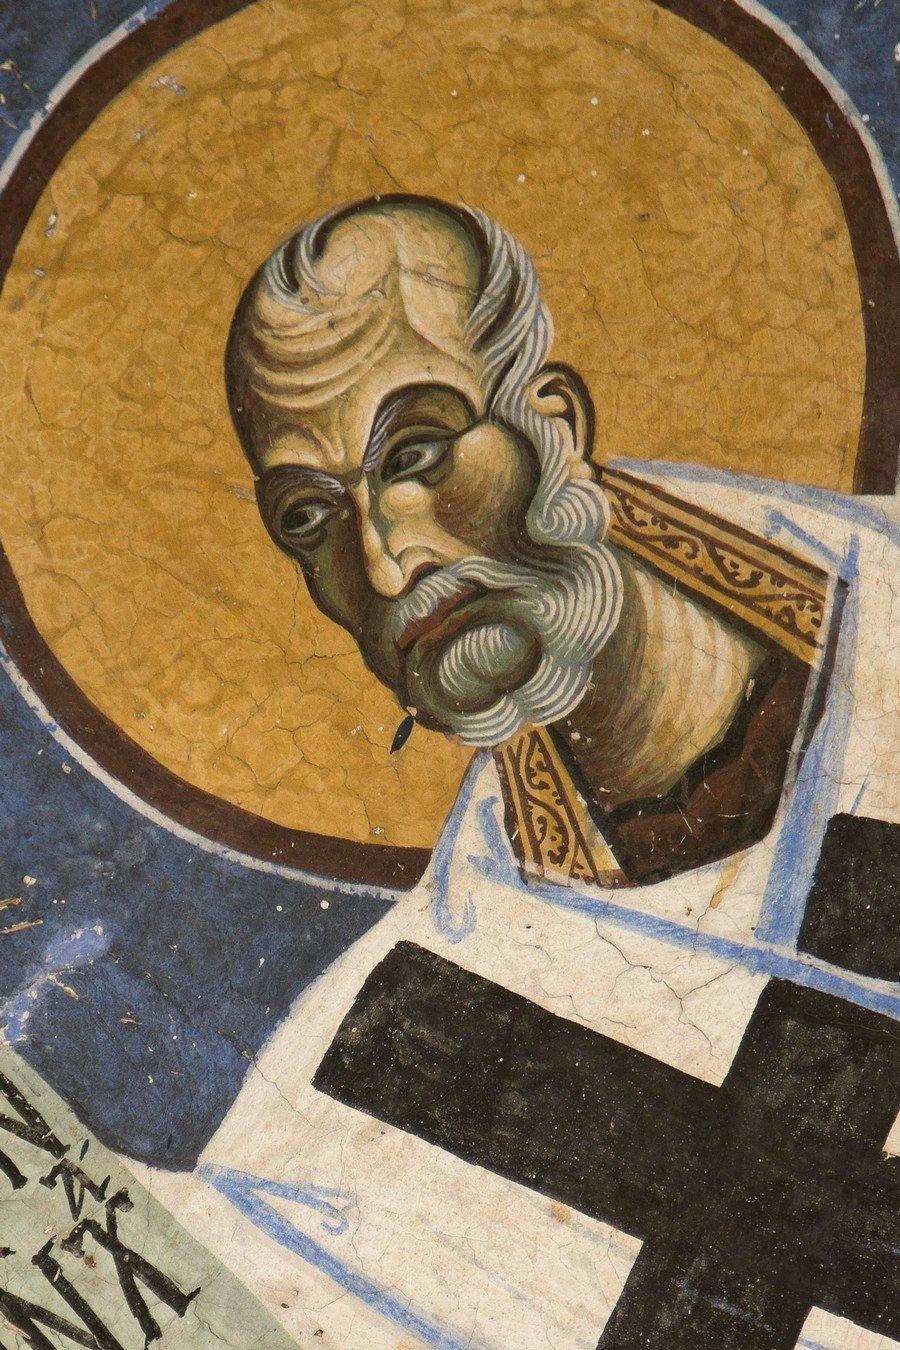 Святитель Николай, Архиепископ Мир Ликийских, Чудотворец. Фреска церкви Святого Георгия в Курбиново, Македония. 1191 год.